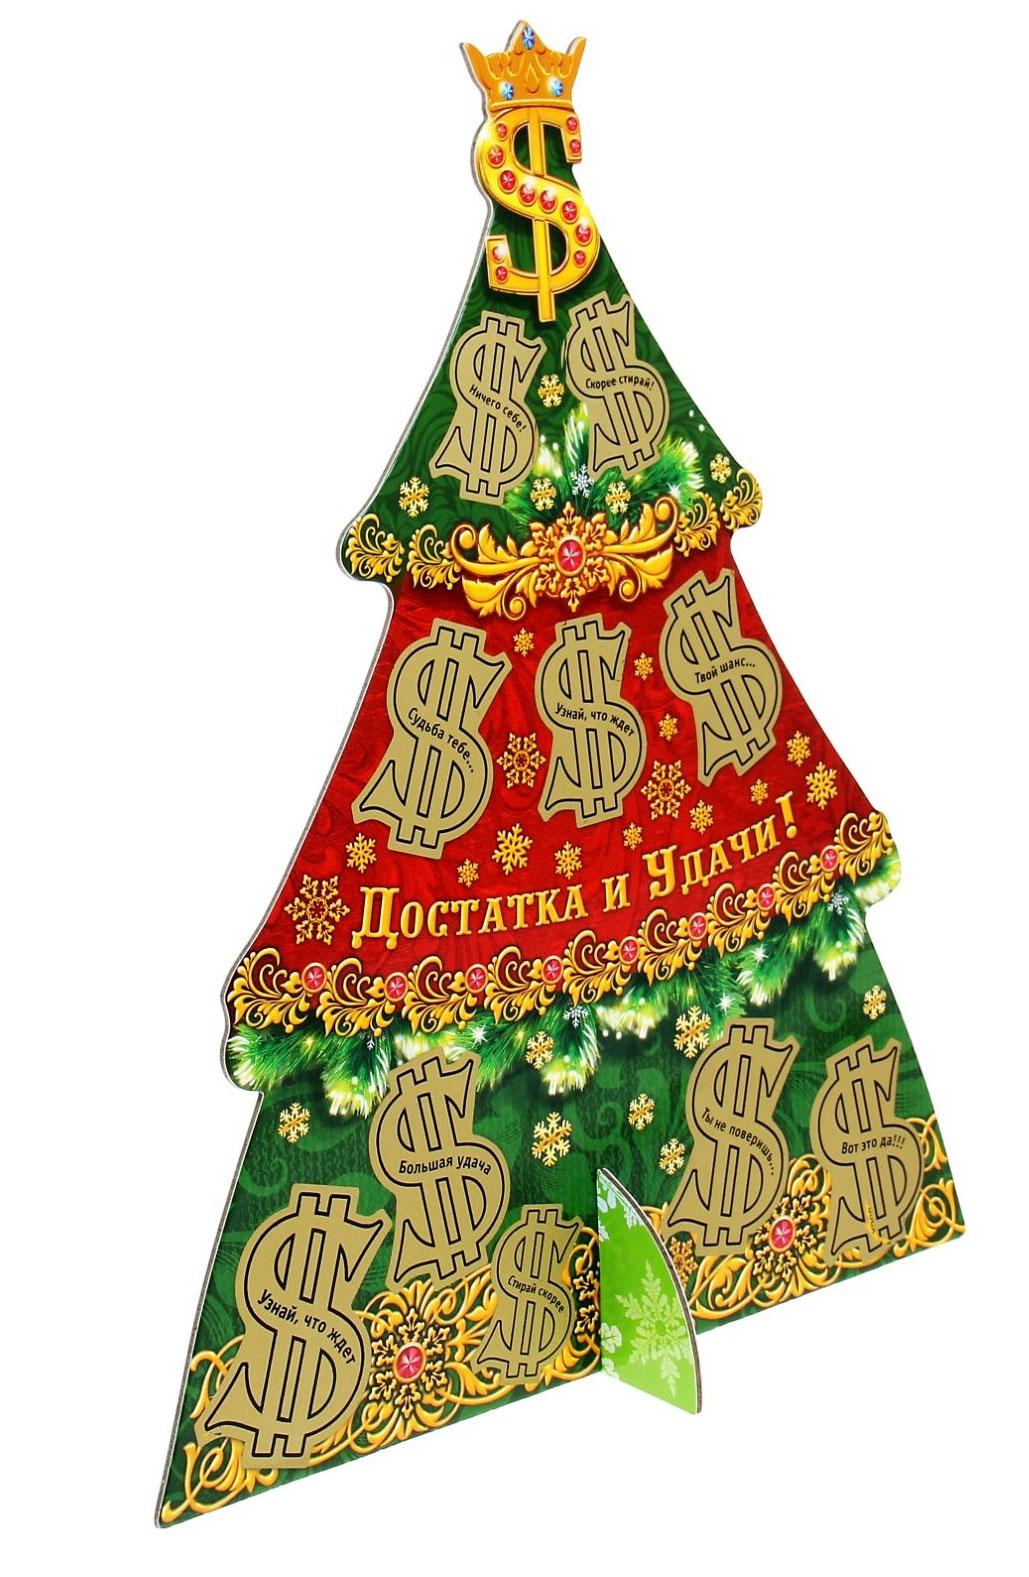 Украшение новогоднее Sima-land Достатка и удачи!, со скретч-слоем, 23 х 28,5 х 10 см1099050Украшение новогоднее Sima-land Достатка и удачи!, изготовленное из картона, отлично подойдет для декорации вашего дома. Украшение выполнено в виде ели, которая собирается из двух частей крест-накрест. На деревце имеются маленькие пожелания под скретч-слоем, который нужно стереть, когда часы пробьют двенадцать. Новогодние украшения всегда несут в себе волшебство и красоту праздника. Создайте в своем доме атмосферу тепла, веселья и радости, украшая его всей семьей.